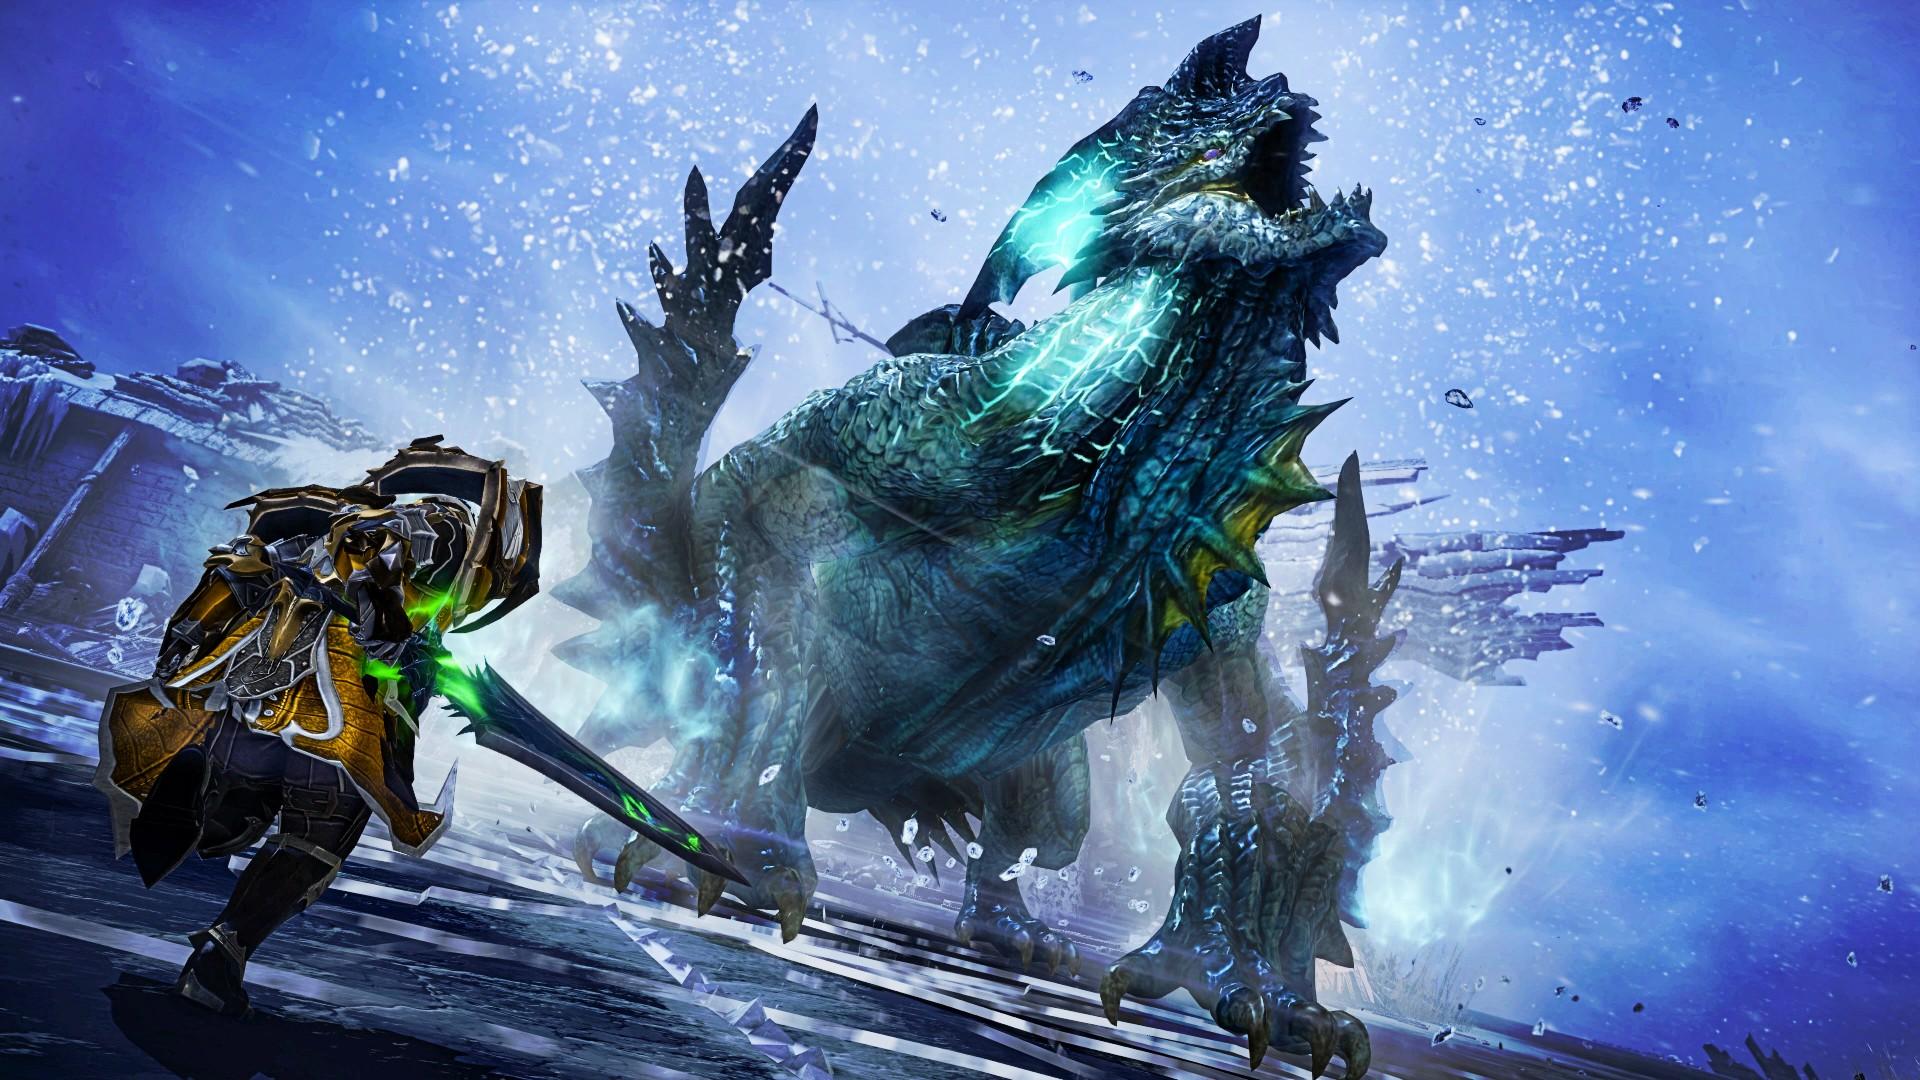 Korean fantasy MMORPG Lost Ark has been delayed into 2022